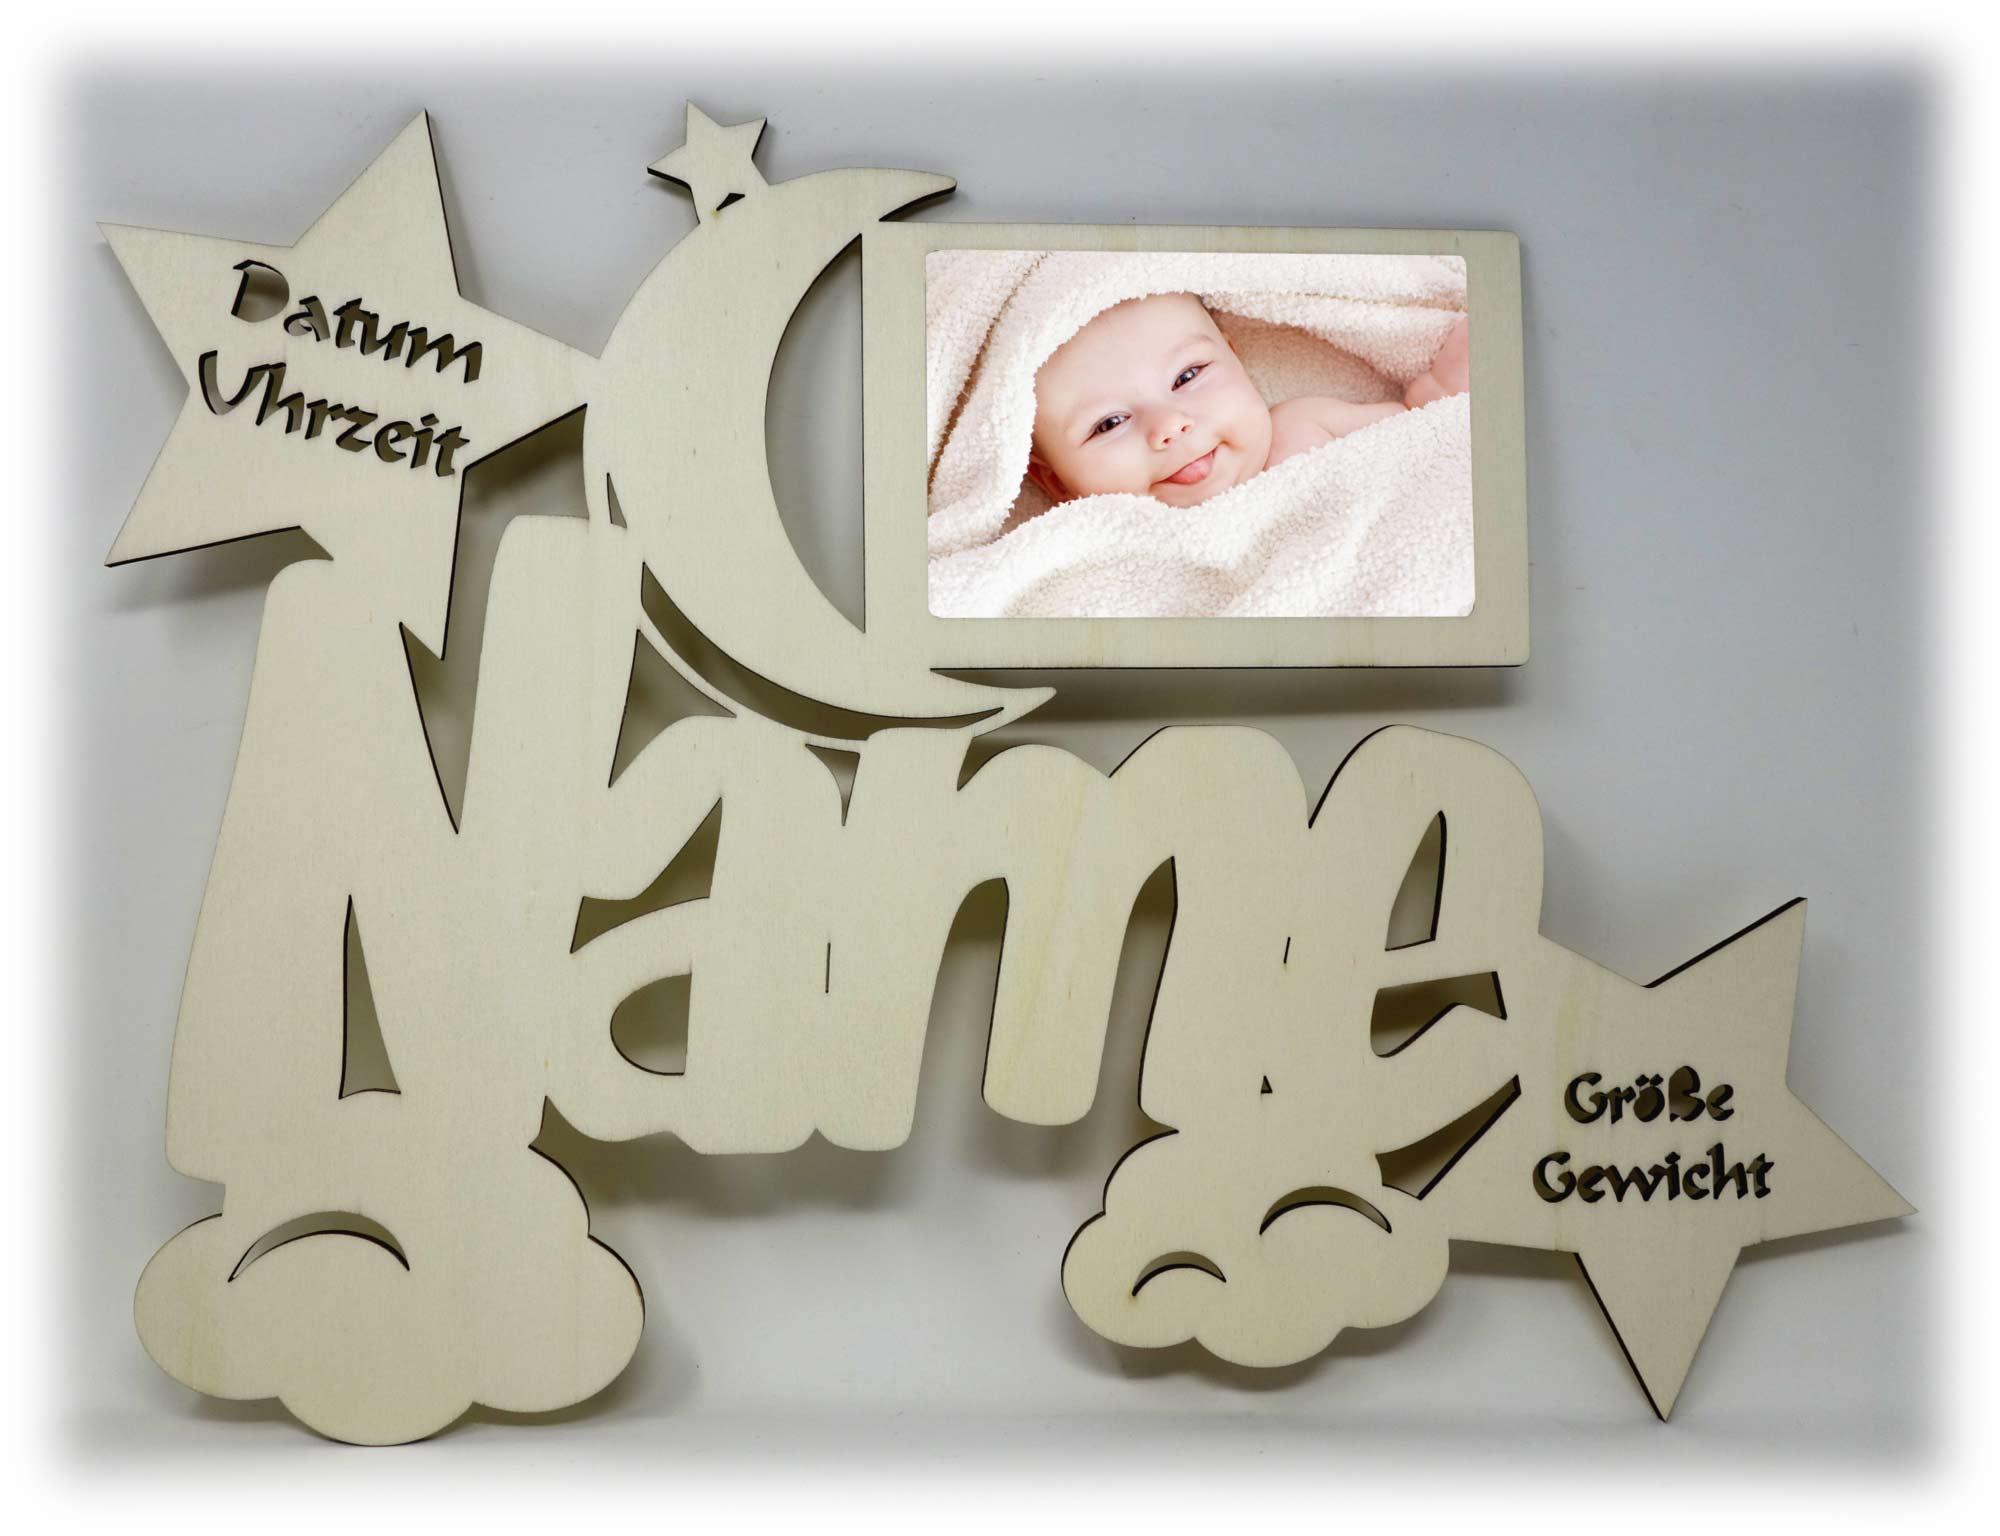 Baby Kinder Holz Bilderrahmen mit Namen und Geburtsdaten ...